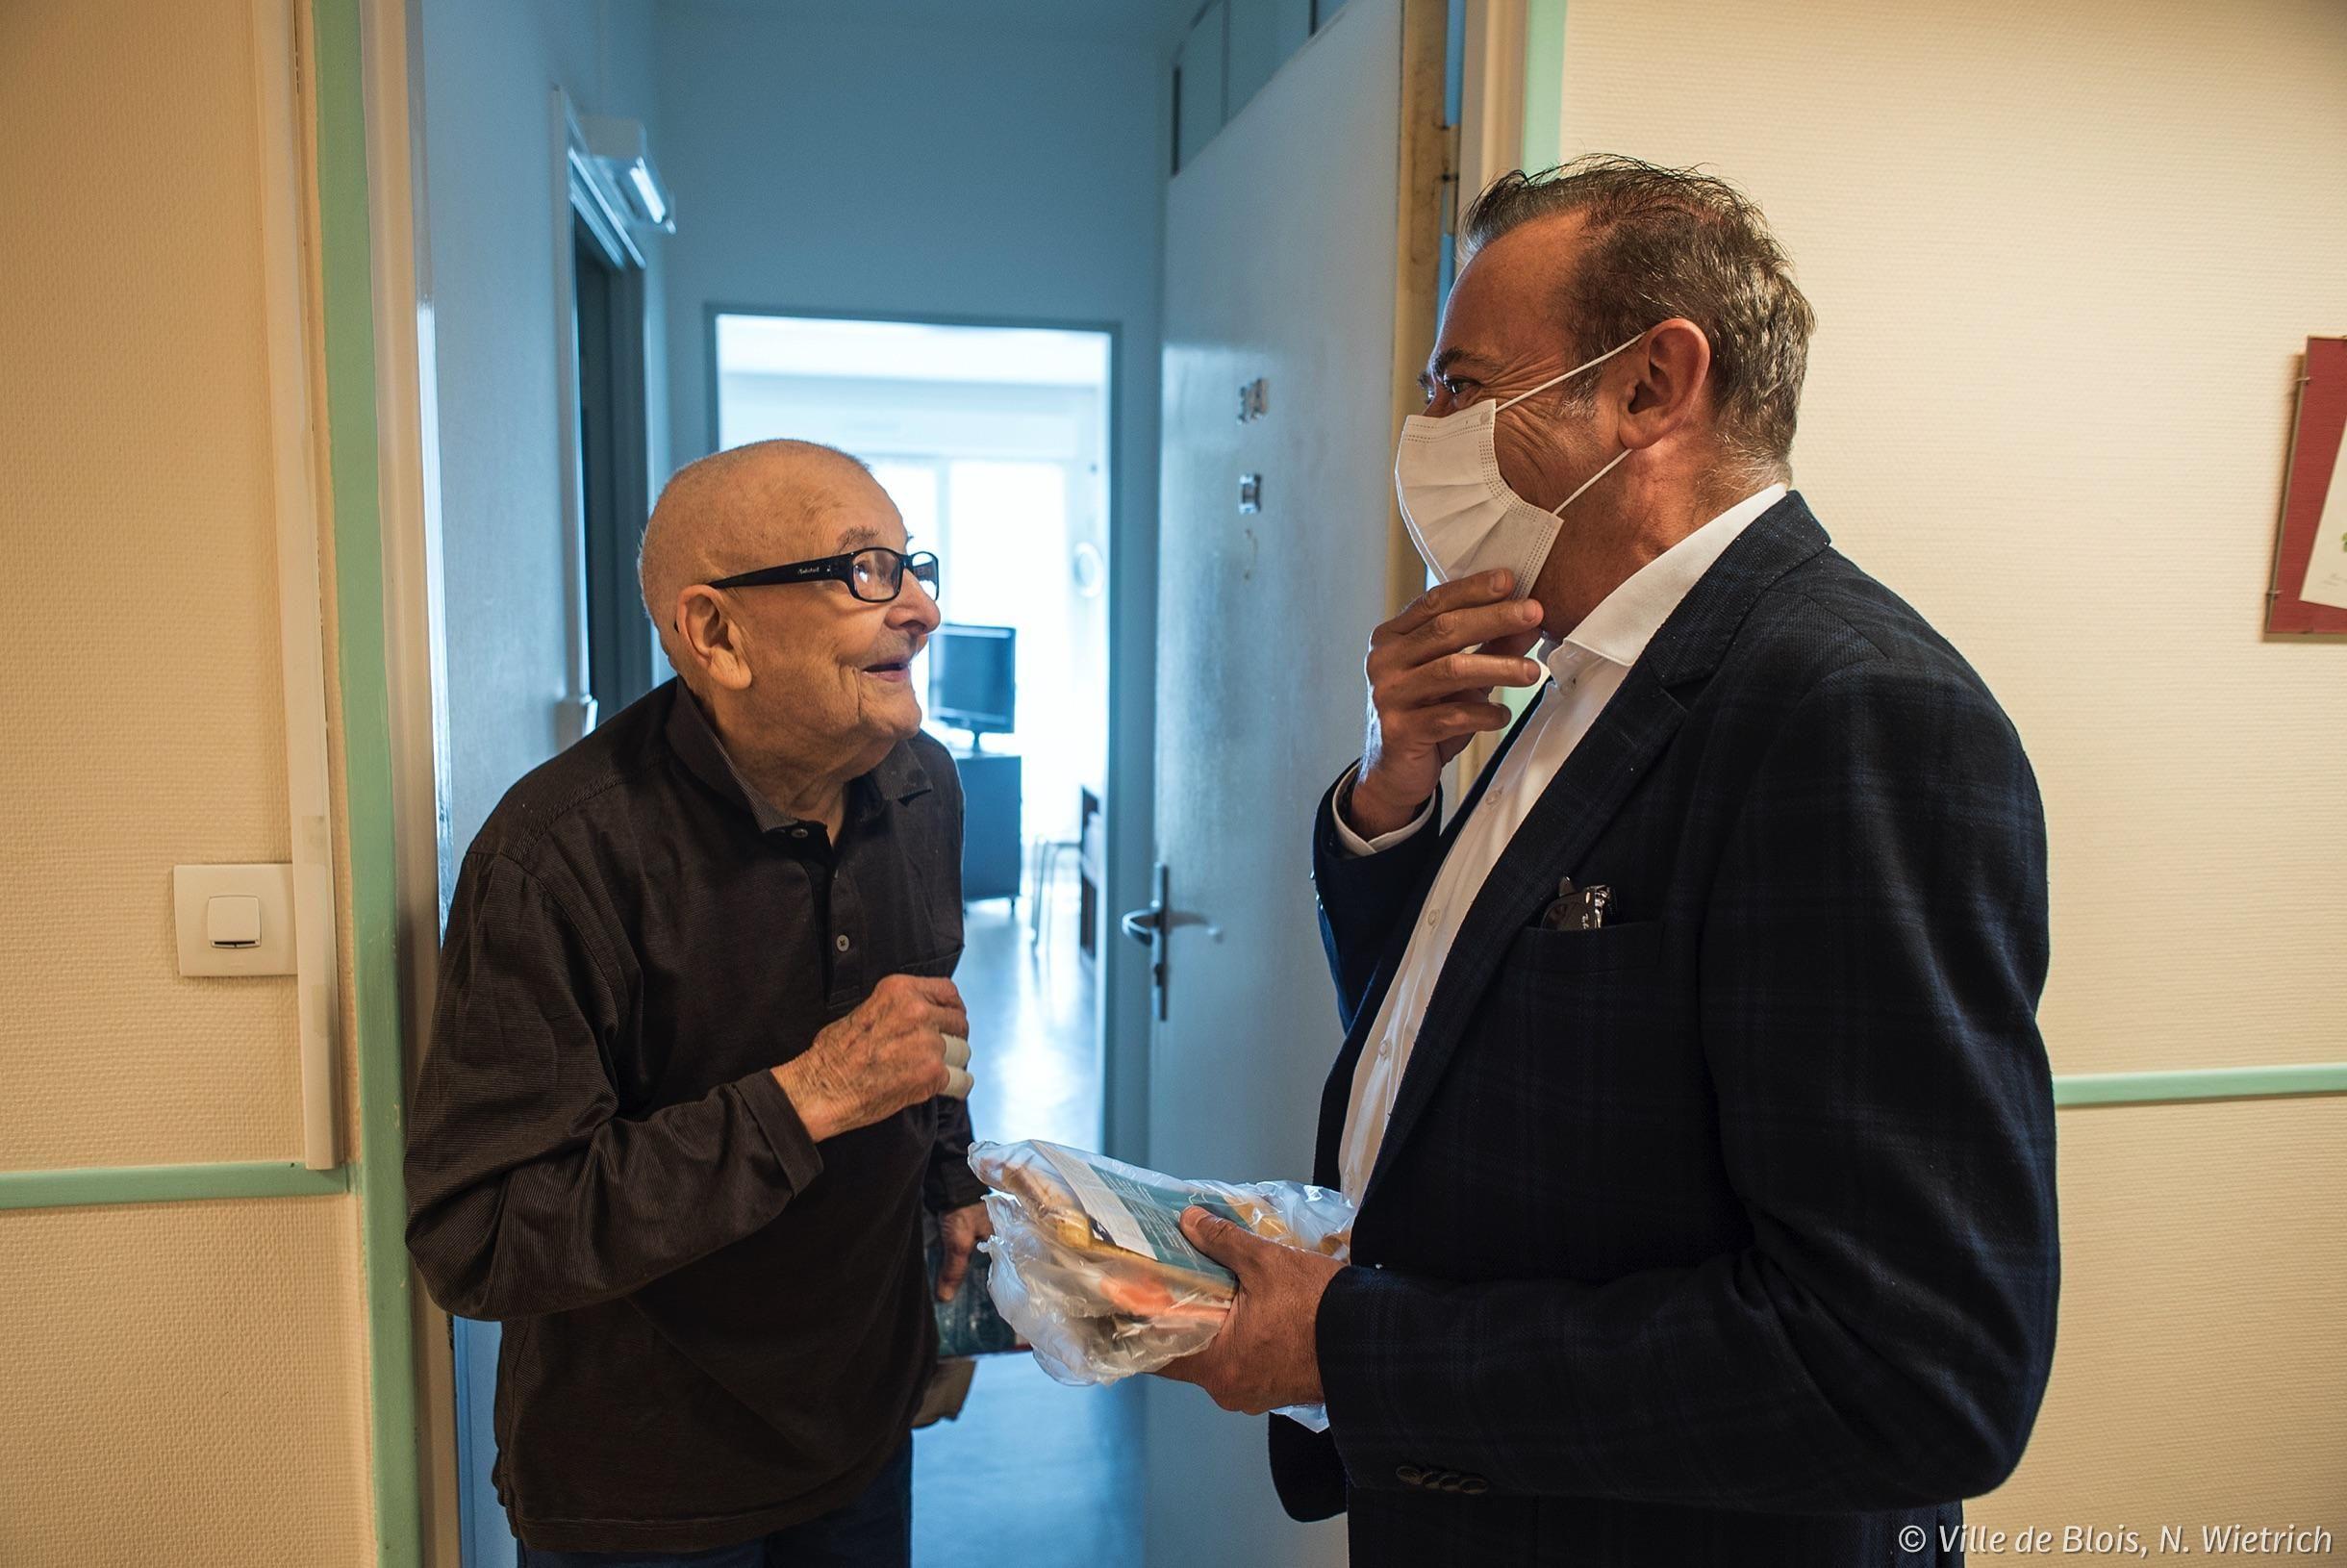 Le maire donne un masque à un usager d'une résidence-autonomie.